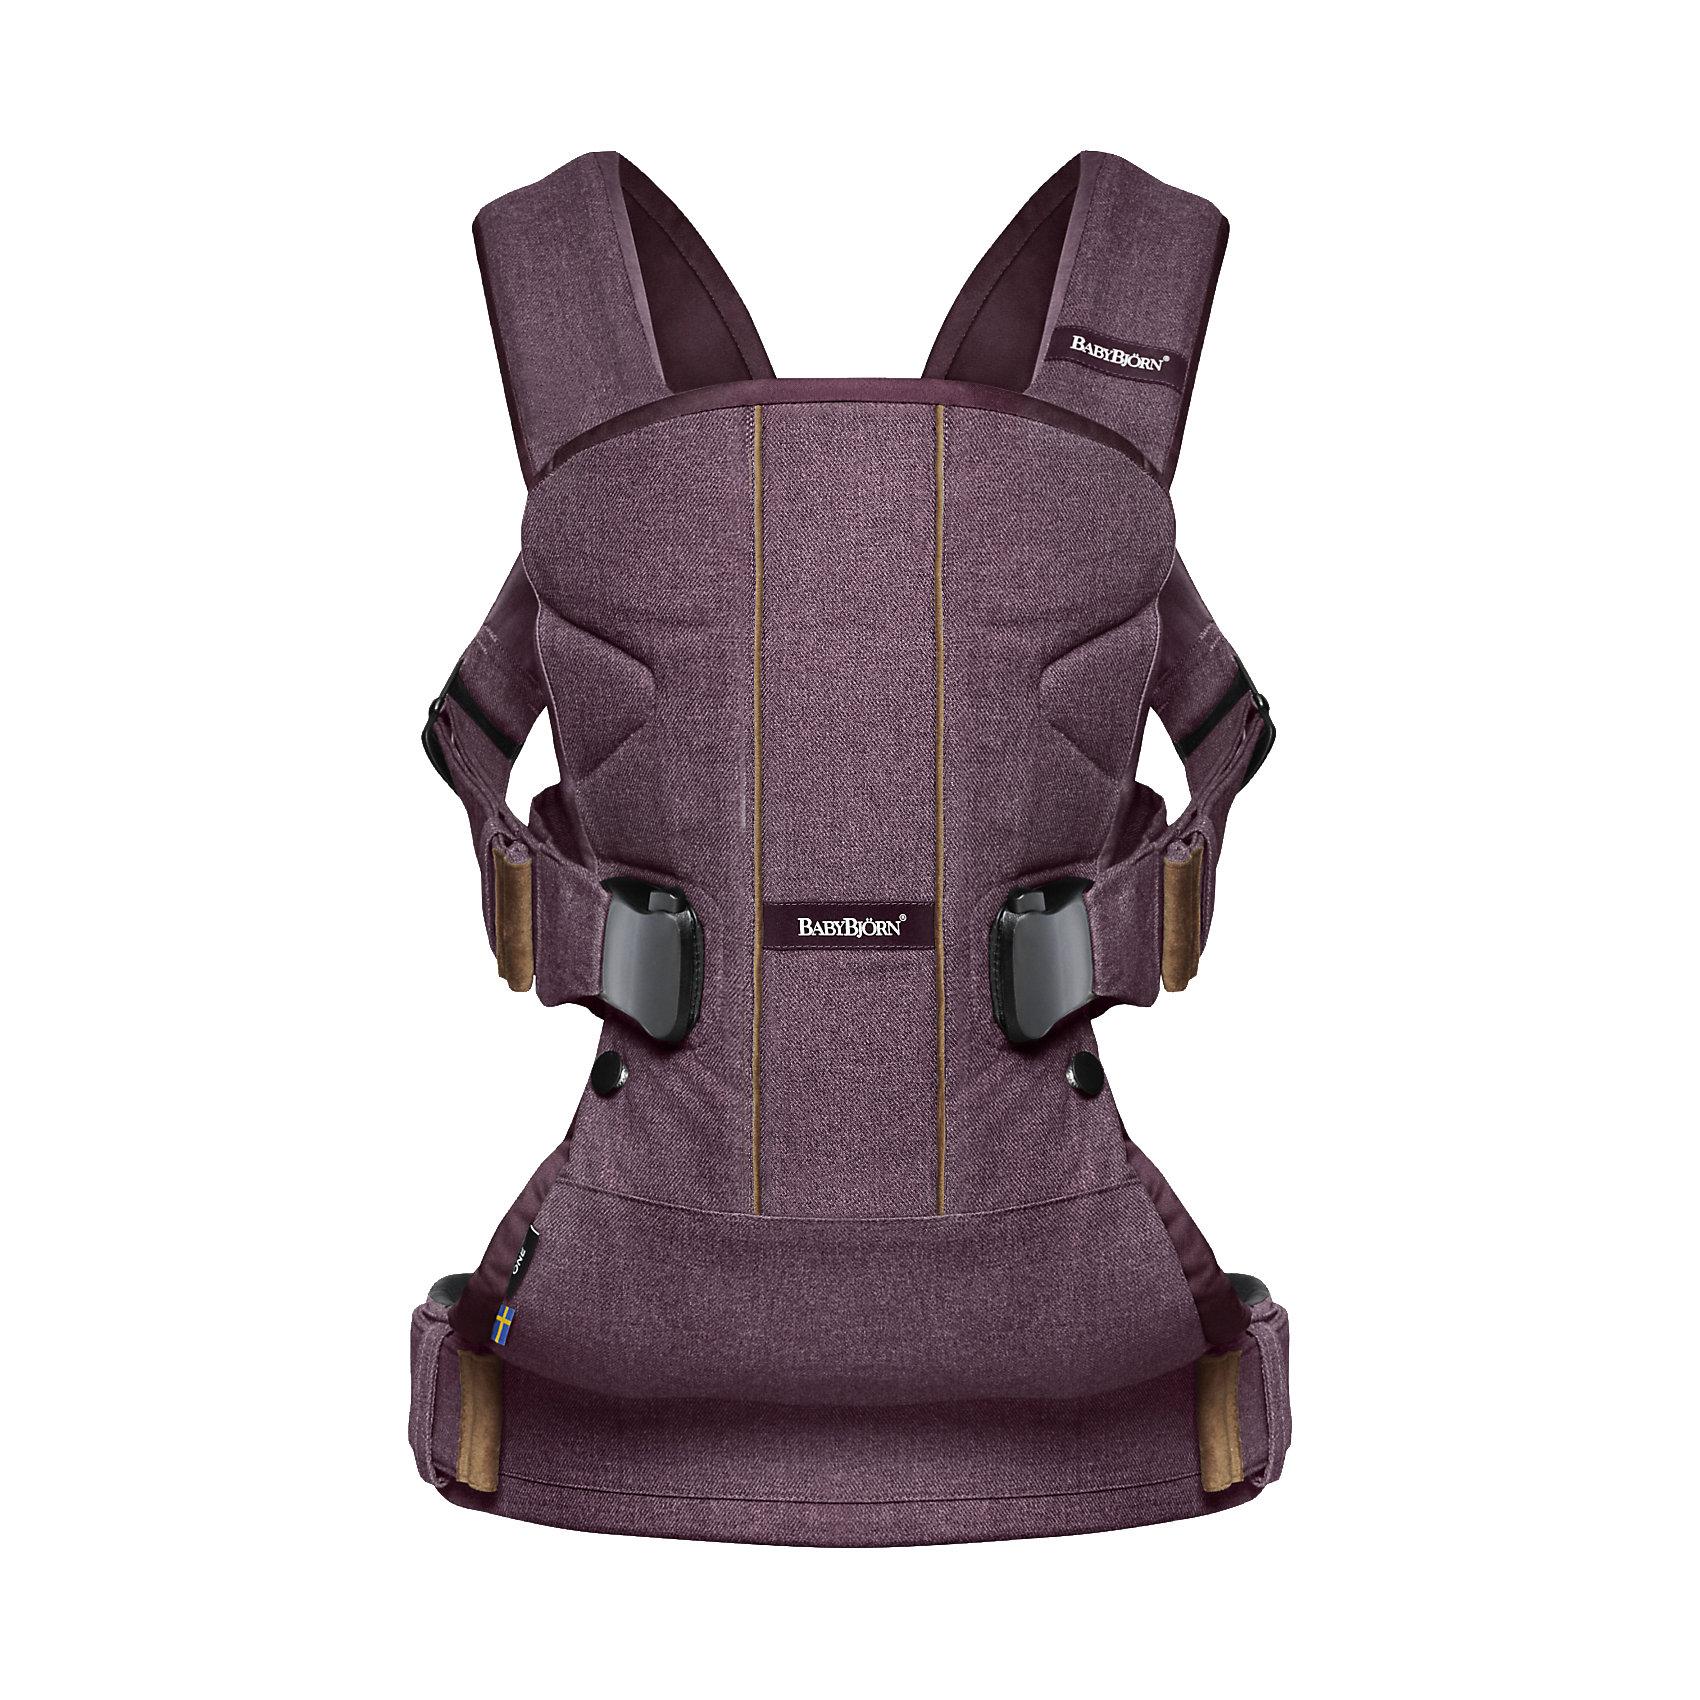 Рюкзак One Soft Cotton Mix Limited edition, BabyBjorn, сливовыйСлинги и рюкзаки-переноски<br>Характеристики товара:<br><br>• возраст с рождения до 3 лет;<br>• вес ребенка от 3,5 до 15 кг;<br>• максимальный рост ребенка 100 см;<br>• материал: хлопок, полиэстер;<br>• размер упаковки 33,3х32,3х10,1 см;<br>• вес упаковки 1,25 кг;<br>• страна производитель: Швеция.<br><br>Рюкзак BabyBjorn One Soft Cotton Mix Limited Edition сливовый — практичное решение для родителей по переноске новорожденного малыша. Рюкзак был разработан при участии педиатров и учитывает все особенности детского организма. Рюкзак поддерживает спину, голову и шею крохи, обеспечивая ему правильное положение. Предусмотрены 4 способа ношения на груди и на спине. До 5 месяцев ребенка рекомендуется носить только лицом к себе, так как его шея, голова и позвоночник еще недостаточно окрепли. После 12 месяцев можно носить ребенка на спине. Поясной ремень плотно фиксирует рюкзак на пояснице, грамотно распределяя тяжесть. Внутренняя часть выполнена из мягкого хлопка, который не вызывает у малышей раздражения и аллергических реакций.<br><br>Рюкзак BabyBjorn One Soft Cotton Mix Limited Edition сливовый можно приобрести в нашем интернет-магазине.<br><br>Ширина мм: 336<br>Глубина мм: 327<br>Высота мм: 109<br>Вес г: 1548<br>Цвет: красный<br>Возраст от месяцев: 0<br>Возраст до месяцев: 36<br>Пол: Унисекс<br>Возраст: Детский<br>SKU: 5030424